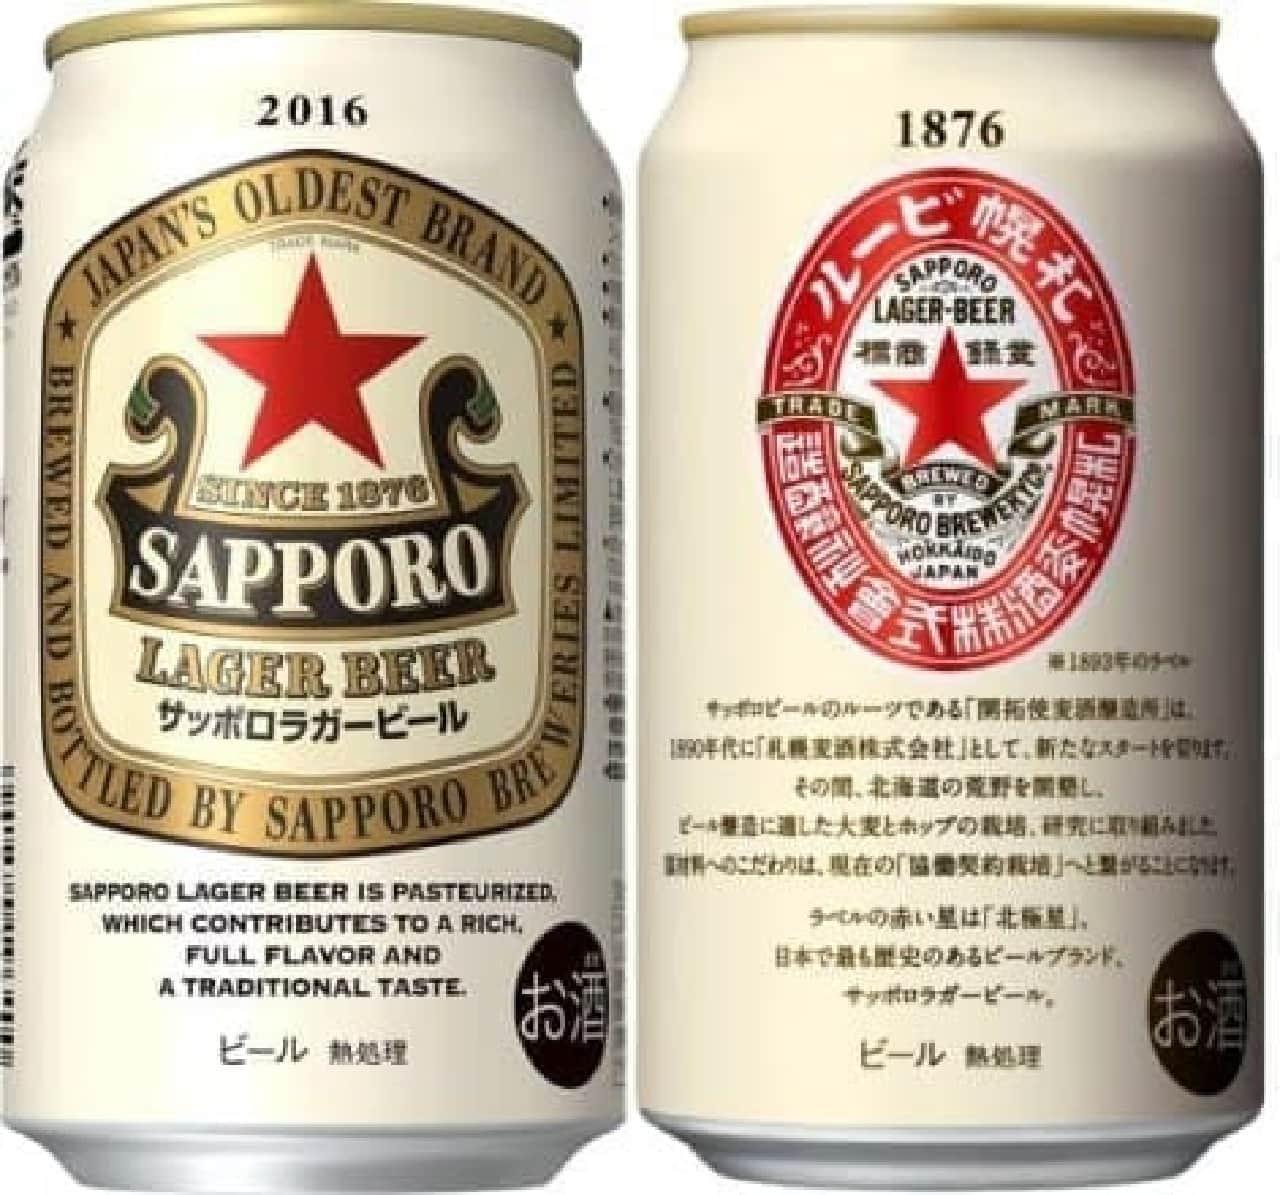 サッポロビール、サッポロラガービール缶